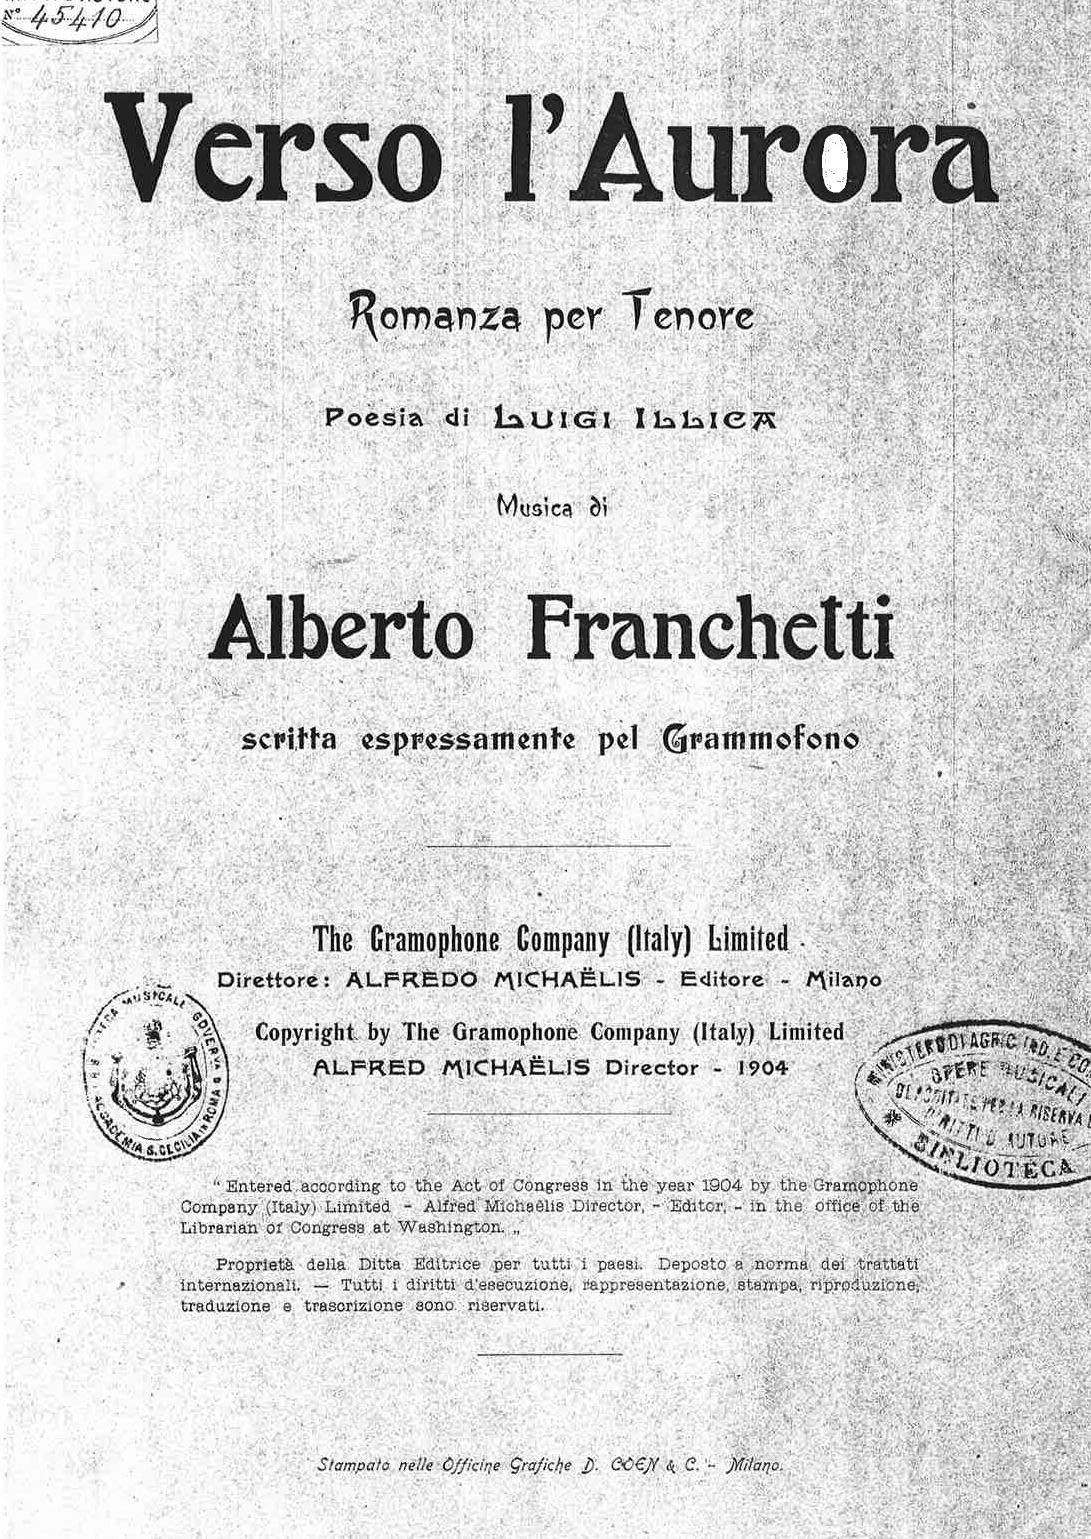 Franchetti_romanza_Verso l'aurora-FRONT